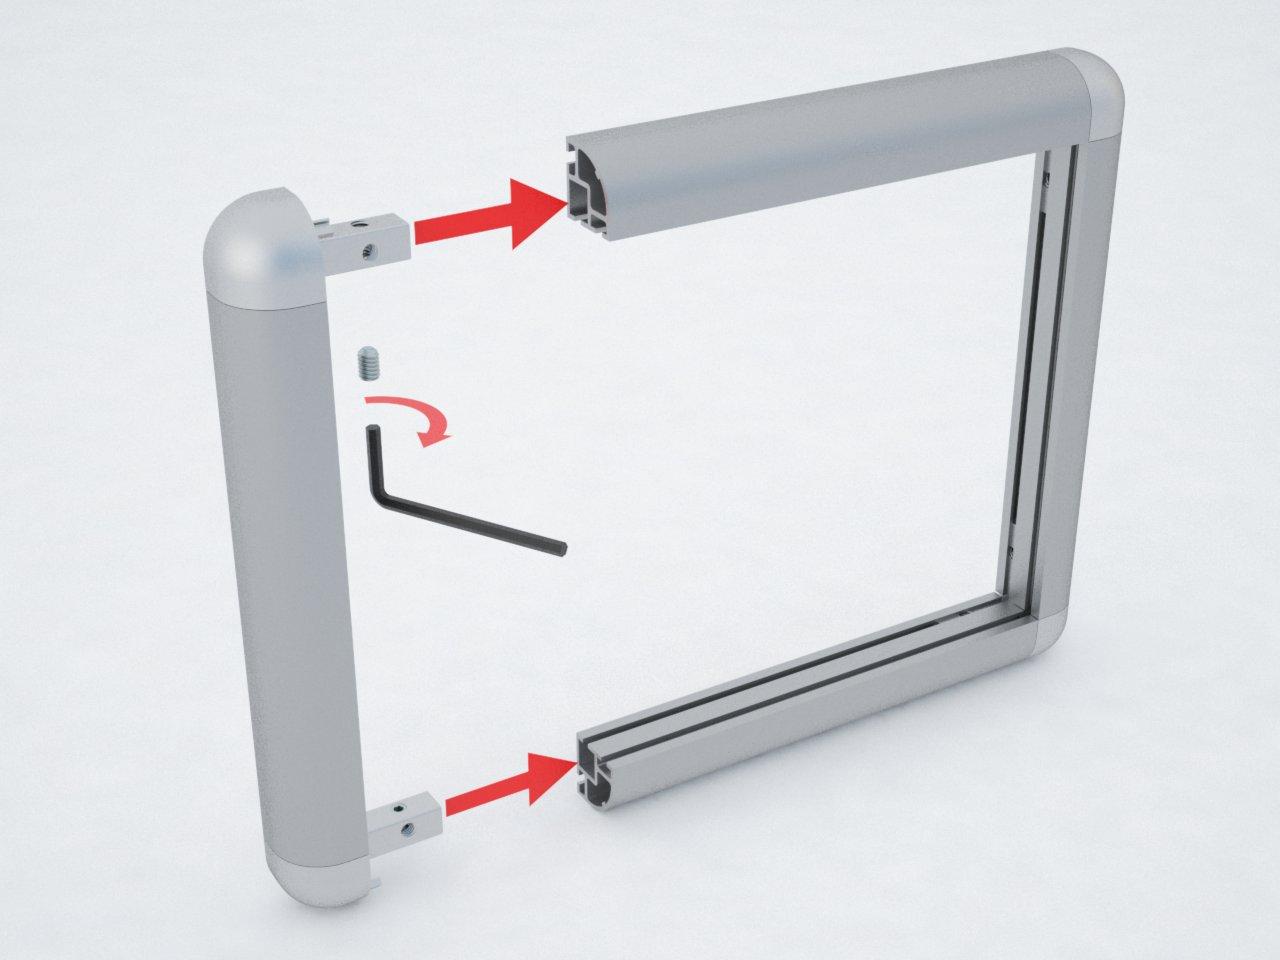 Detalhe da montagem da conexão C551 com o perfil de alumínio C550 para formar estruturas para painéis, molduras, móveis, vitrines, e outras finalidades